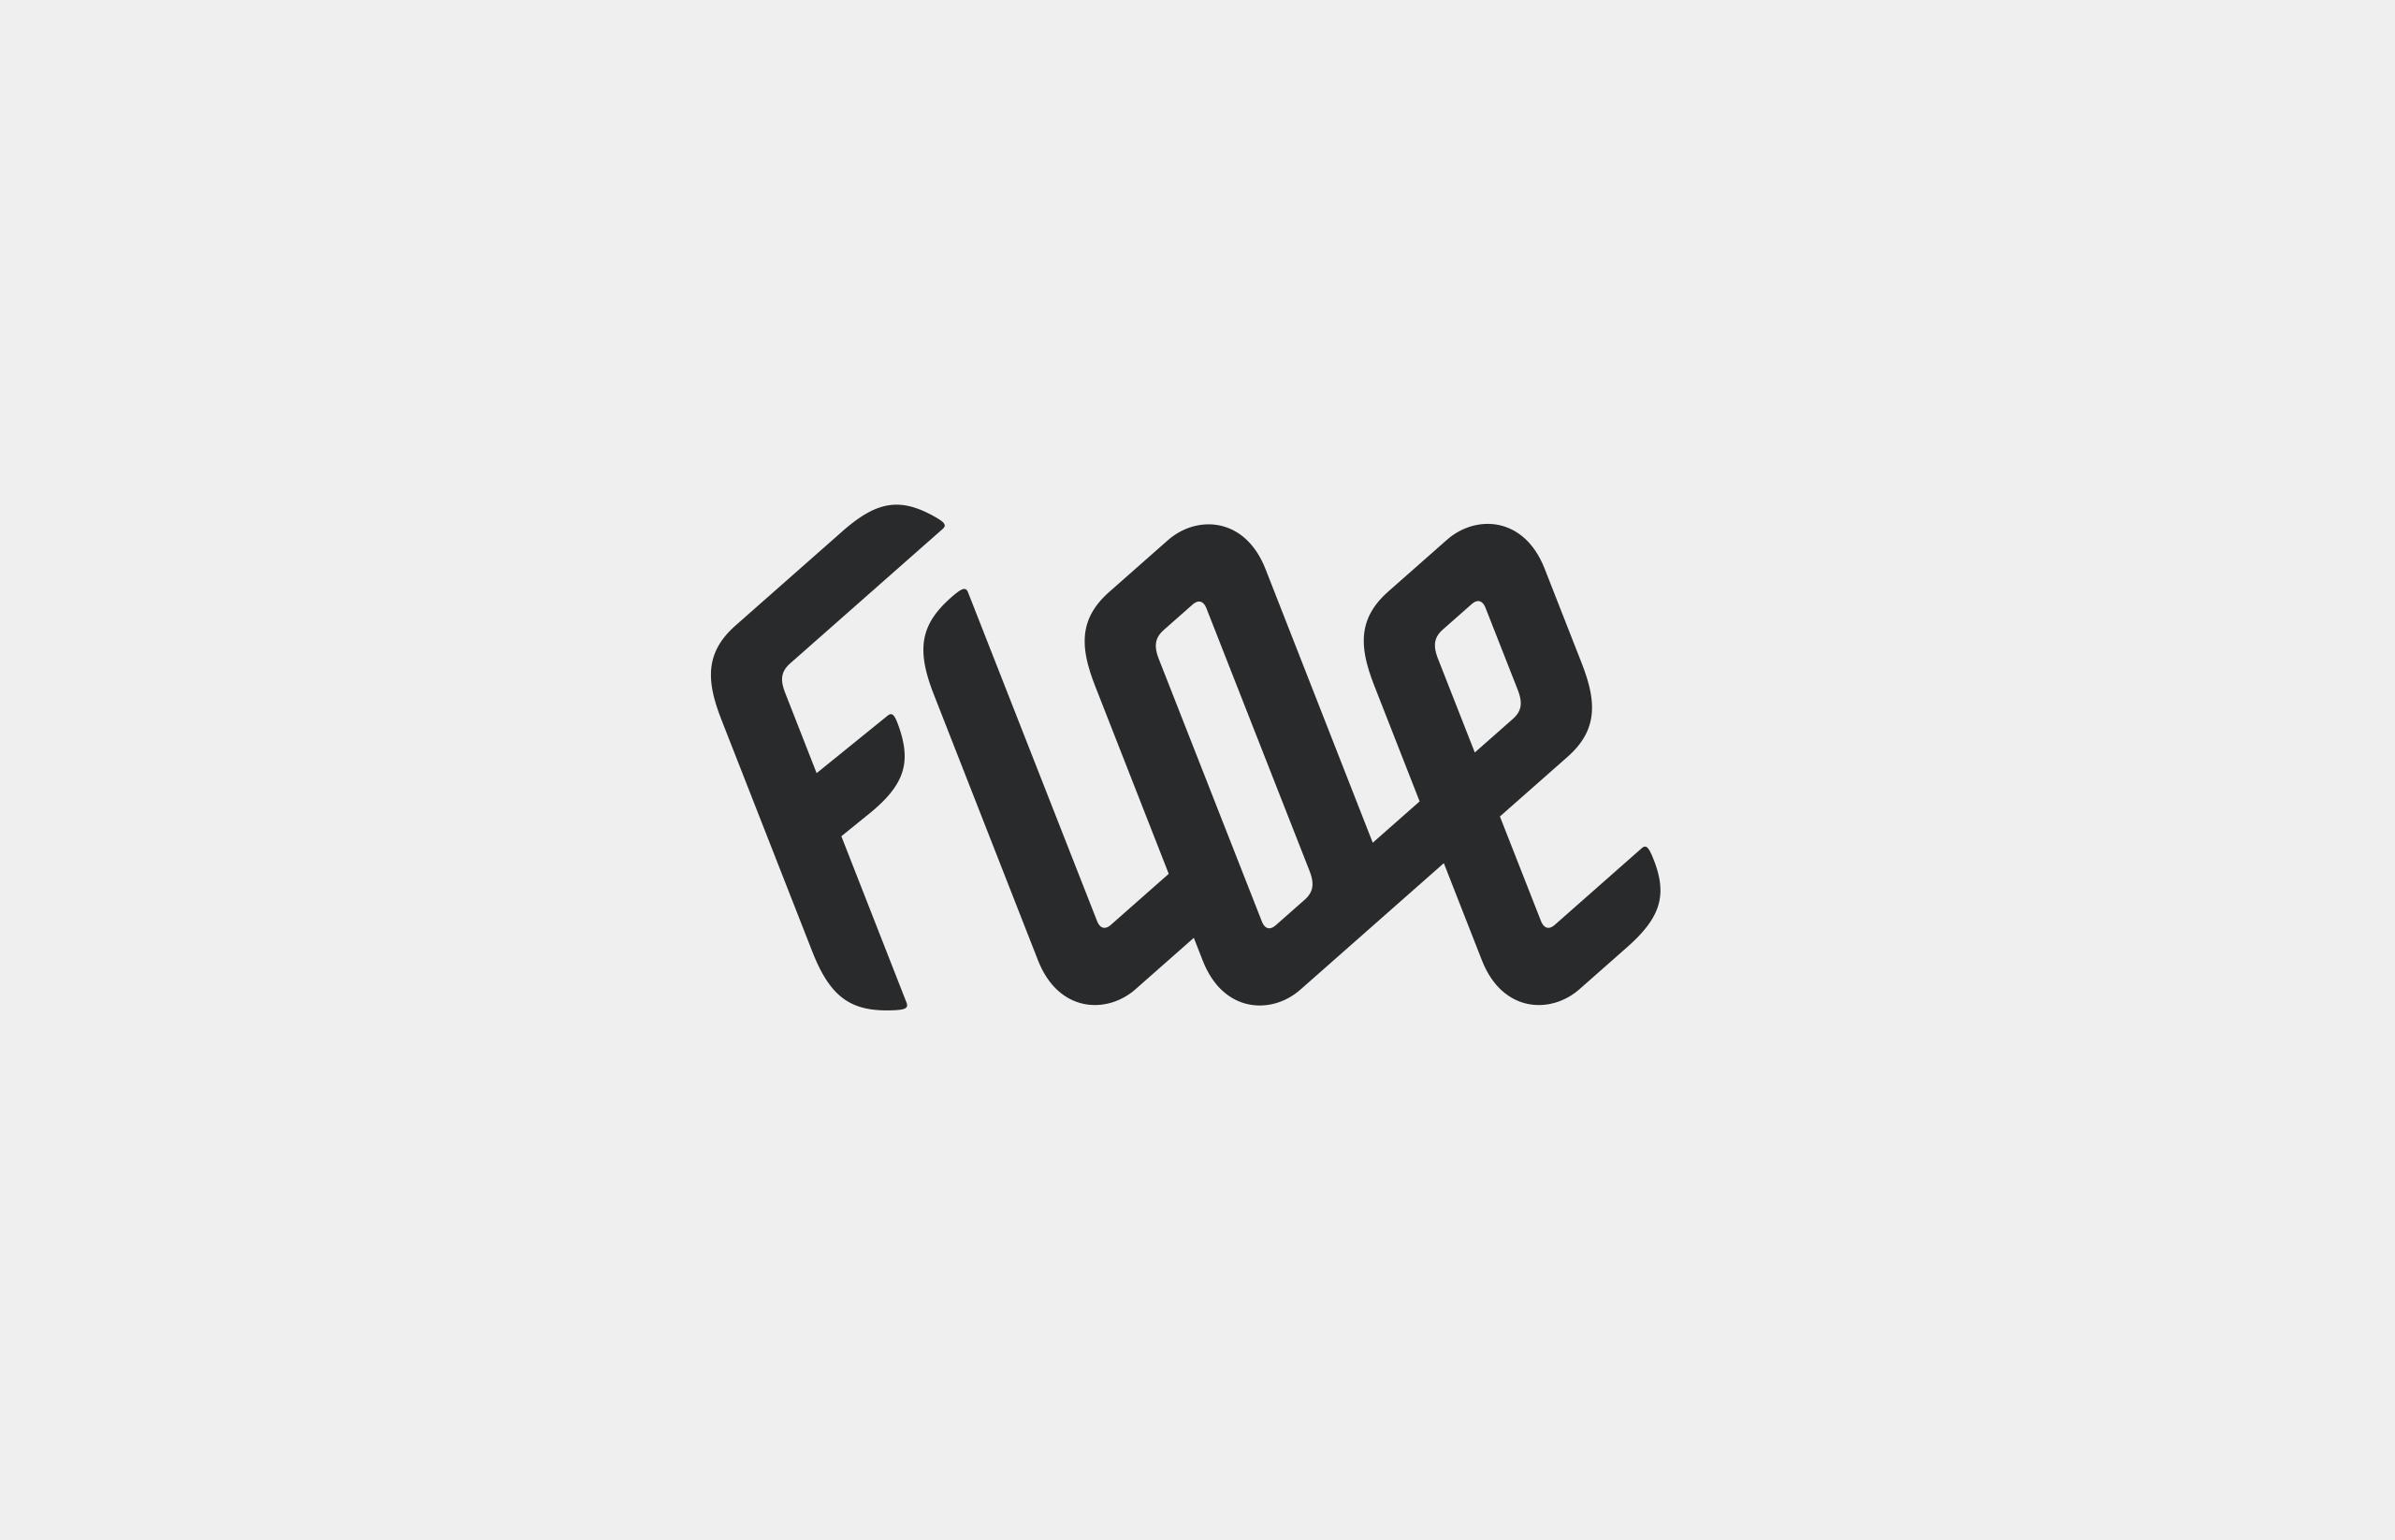 Floe Brandmark –